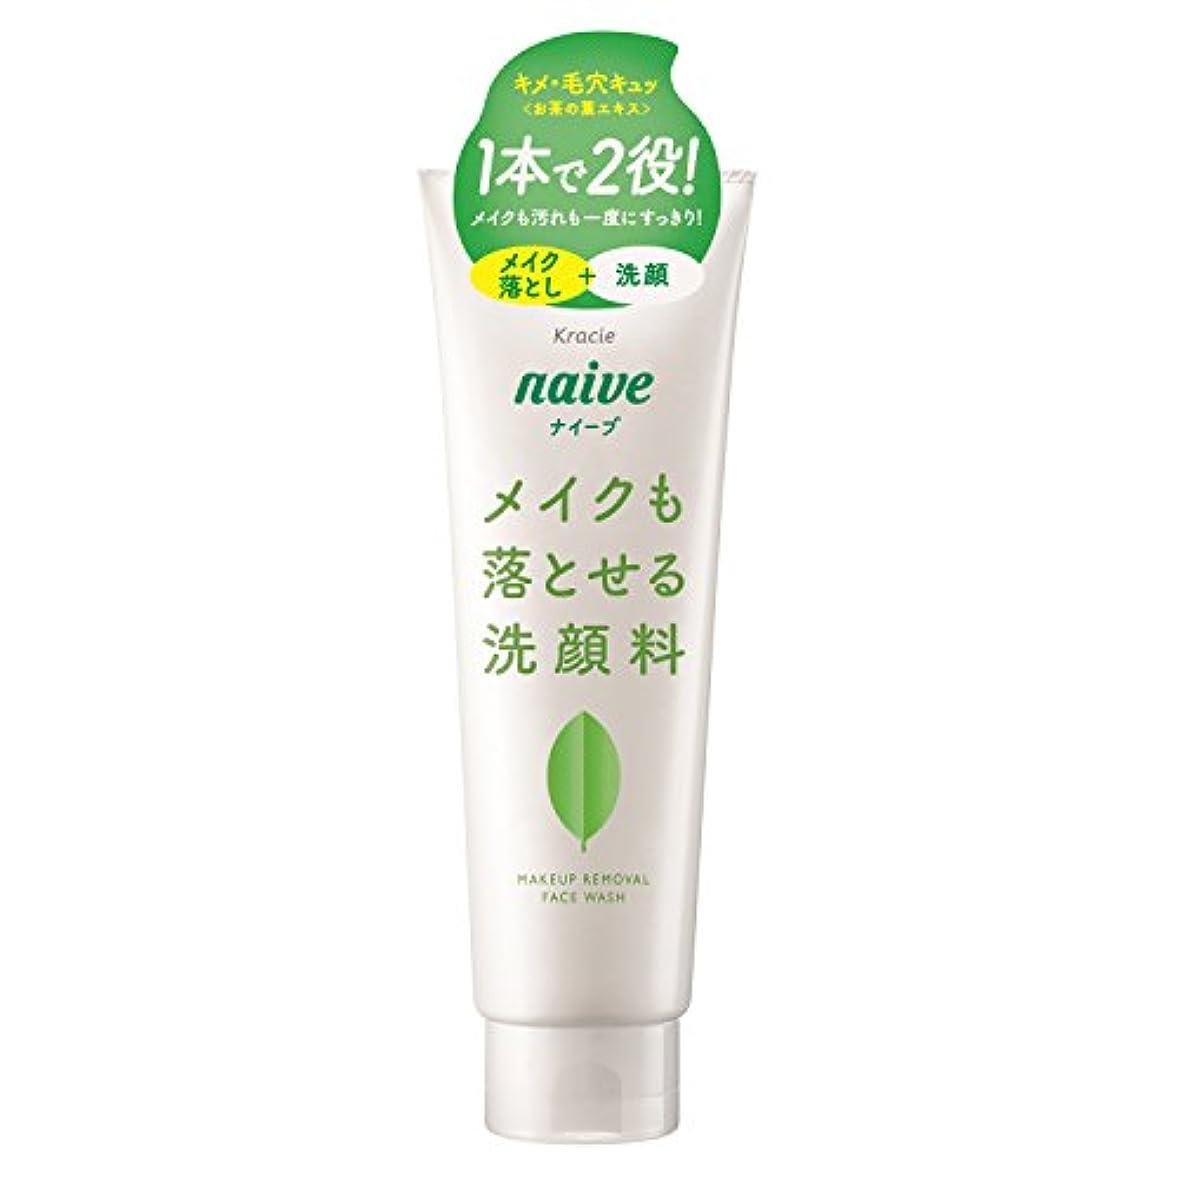 顕著薬用リップナイーブ メイク落とし洗顔 (お茶の葉エキス配合) 200g